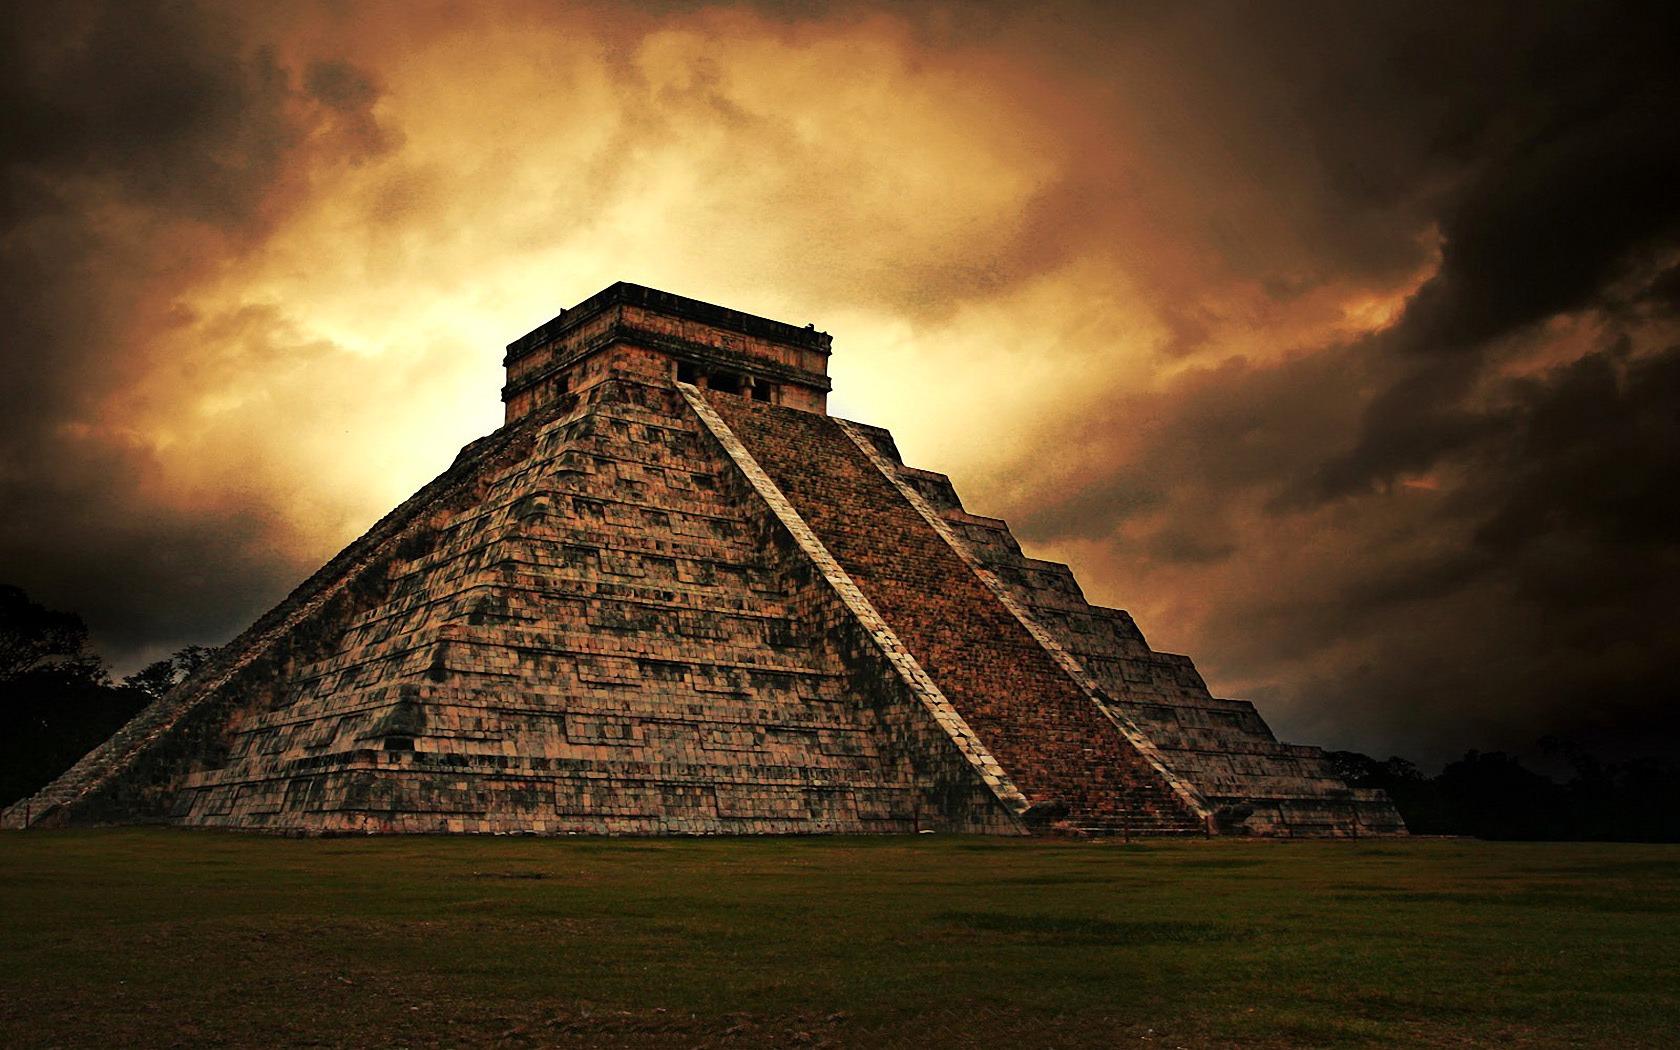 Обои мексика, город майя, древние цивилизации, паленке. Города foto 19